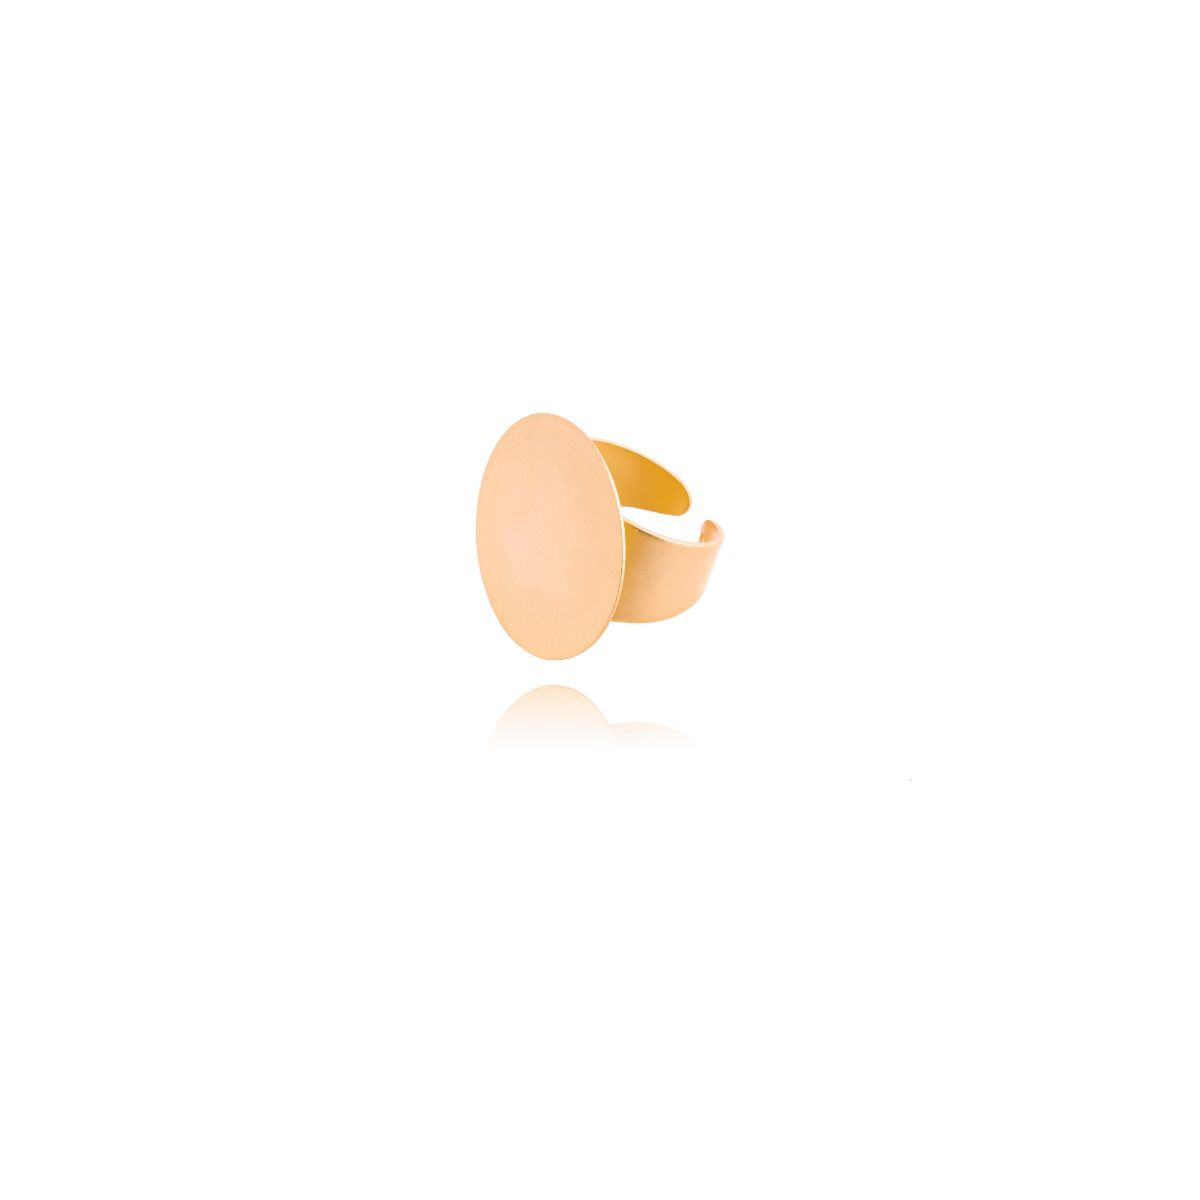 Hamal anillo ajustable de latón acabado en dorado mate con un círculo plano en la parte frontal